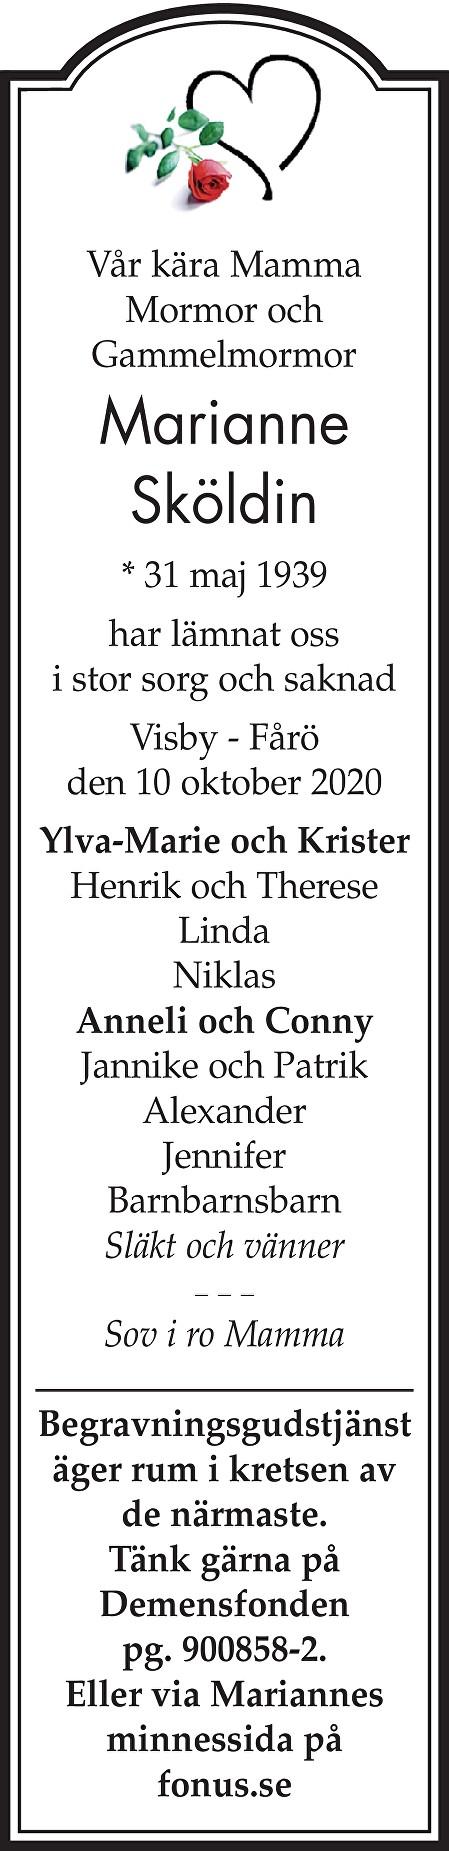 Marianne Sköldin Death notice